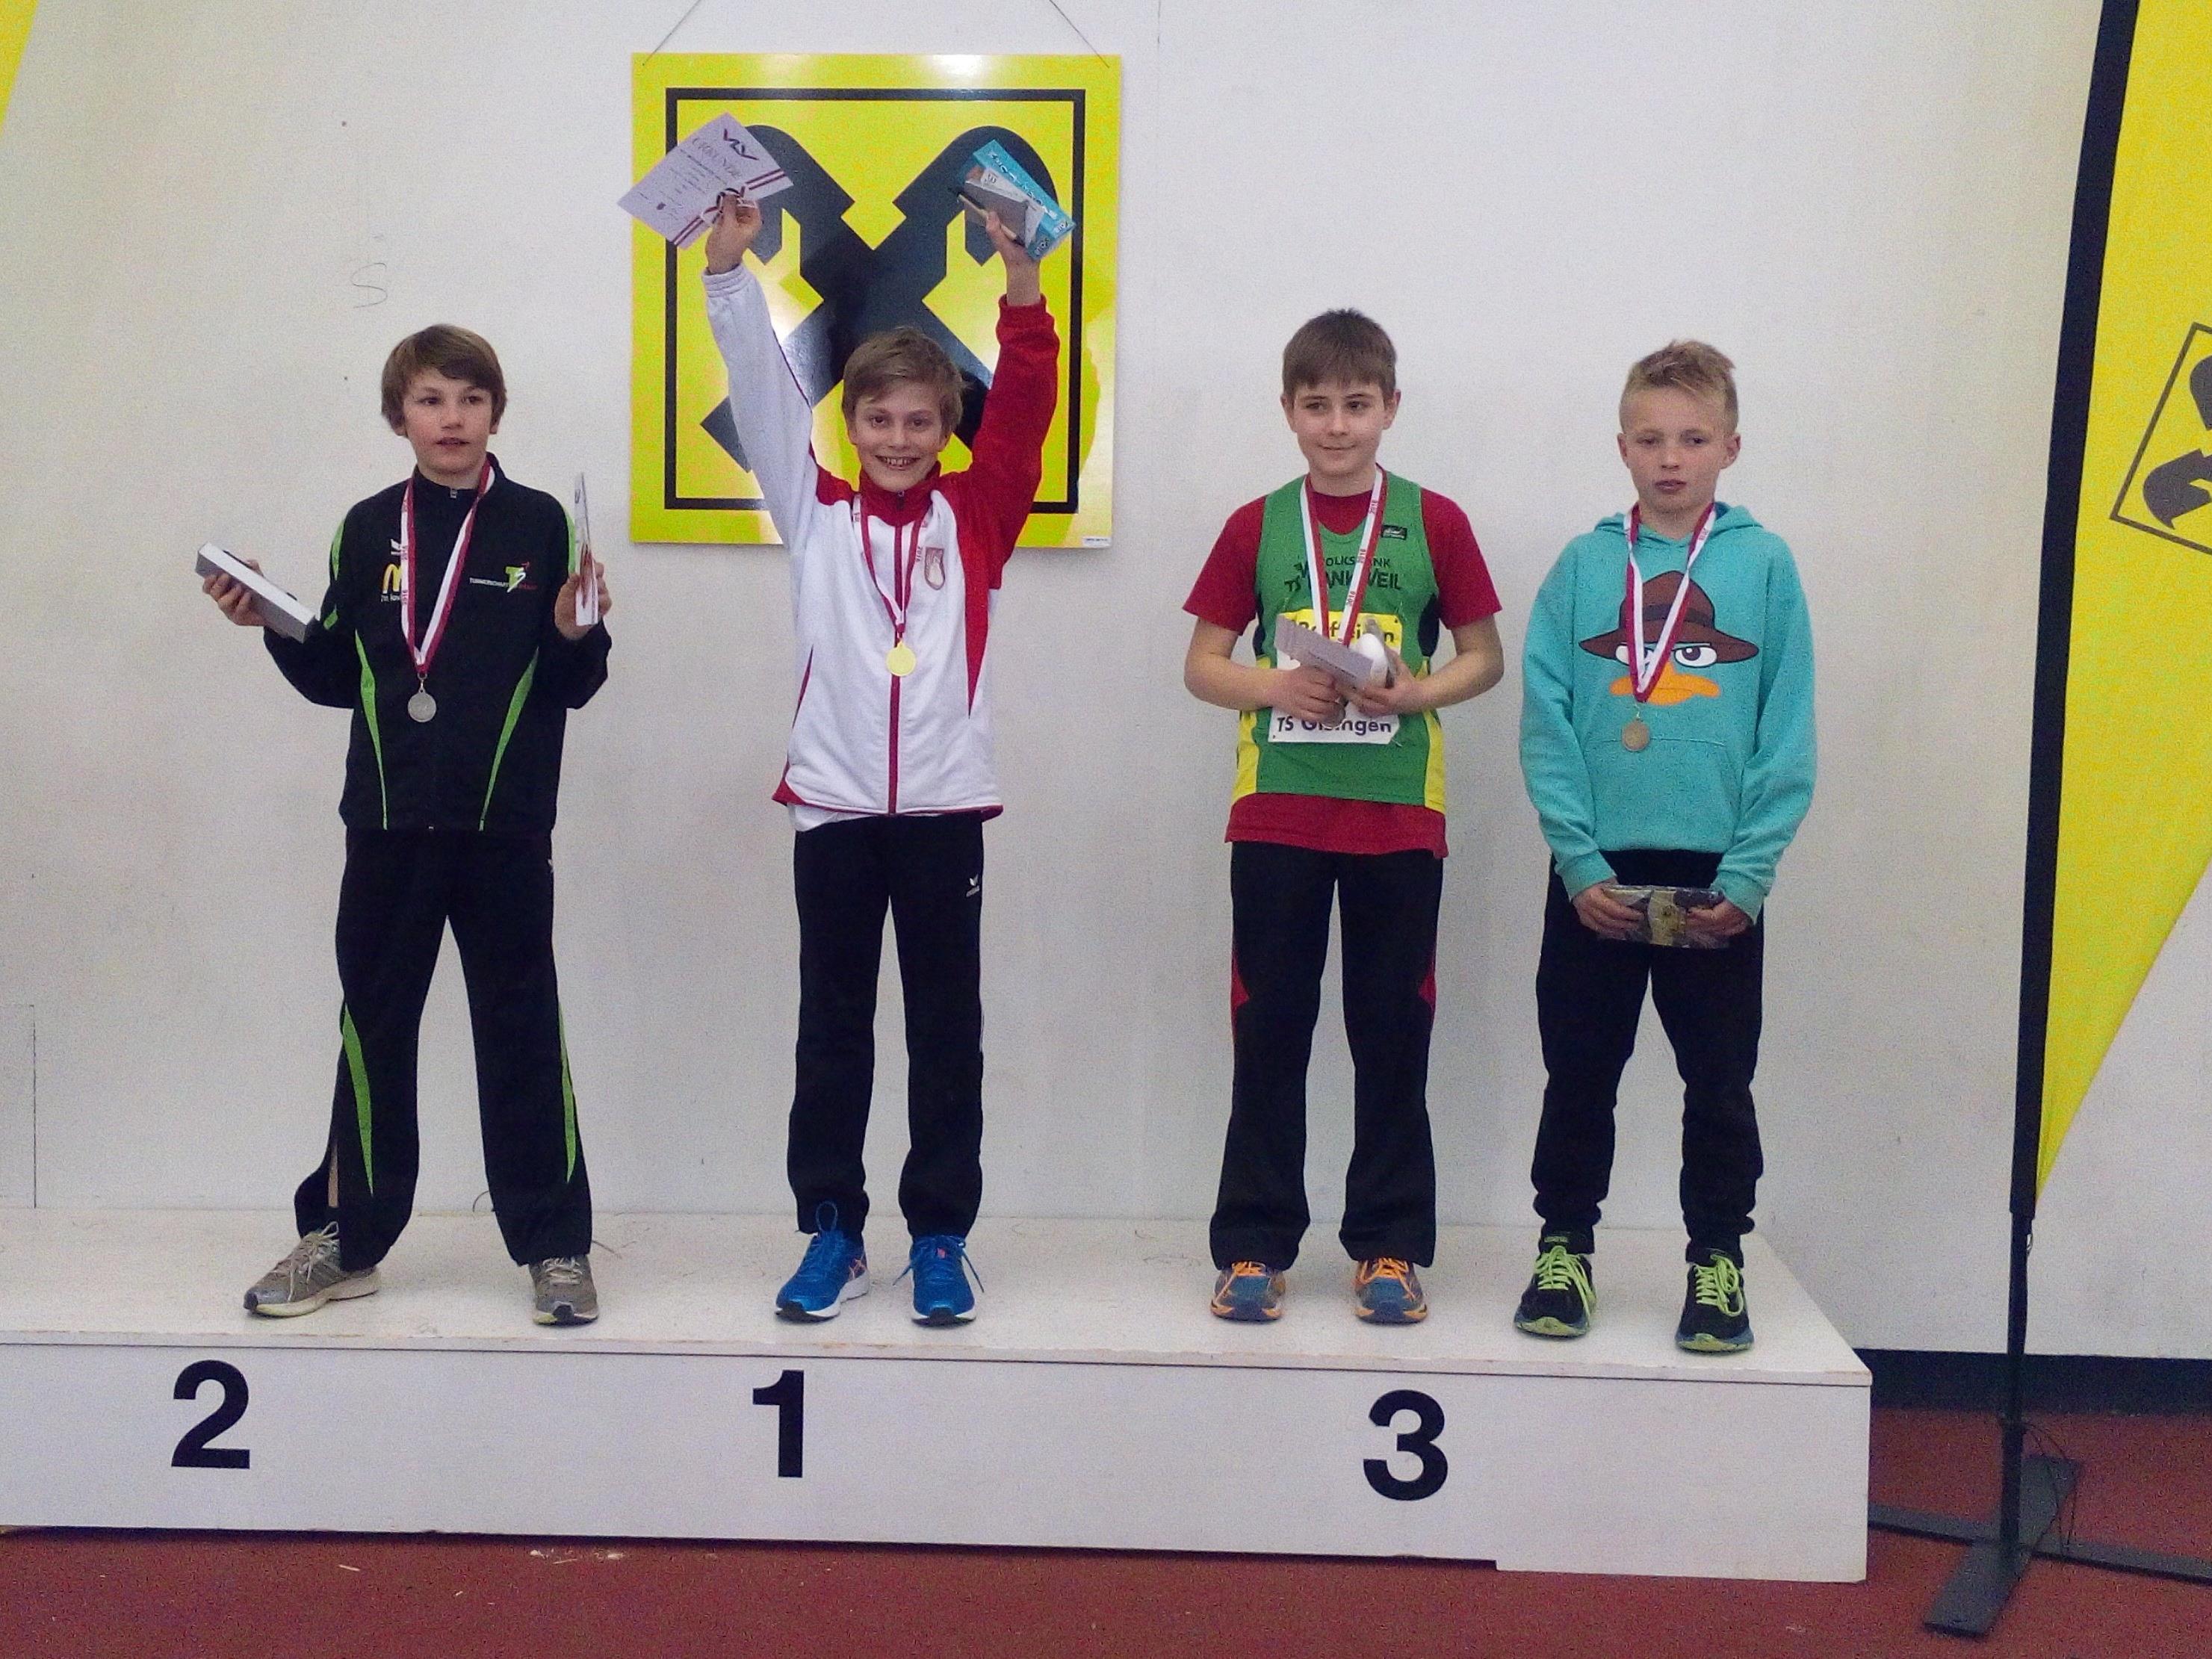 Leon Fürpass vom SV Lochau Leichtathletik hieß der Sieger beim 50-Meter-Sprint in der Klasse MU12 der VLV Leichtathletik Hallenmeisterschaft.